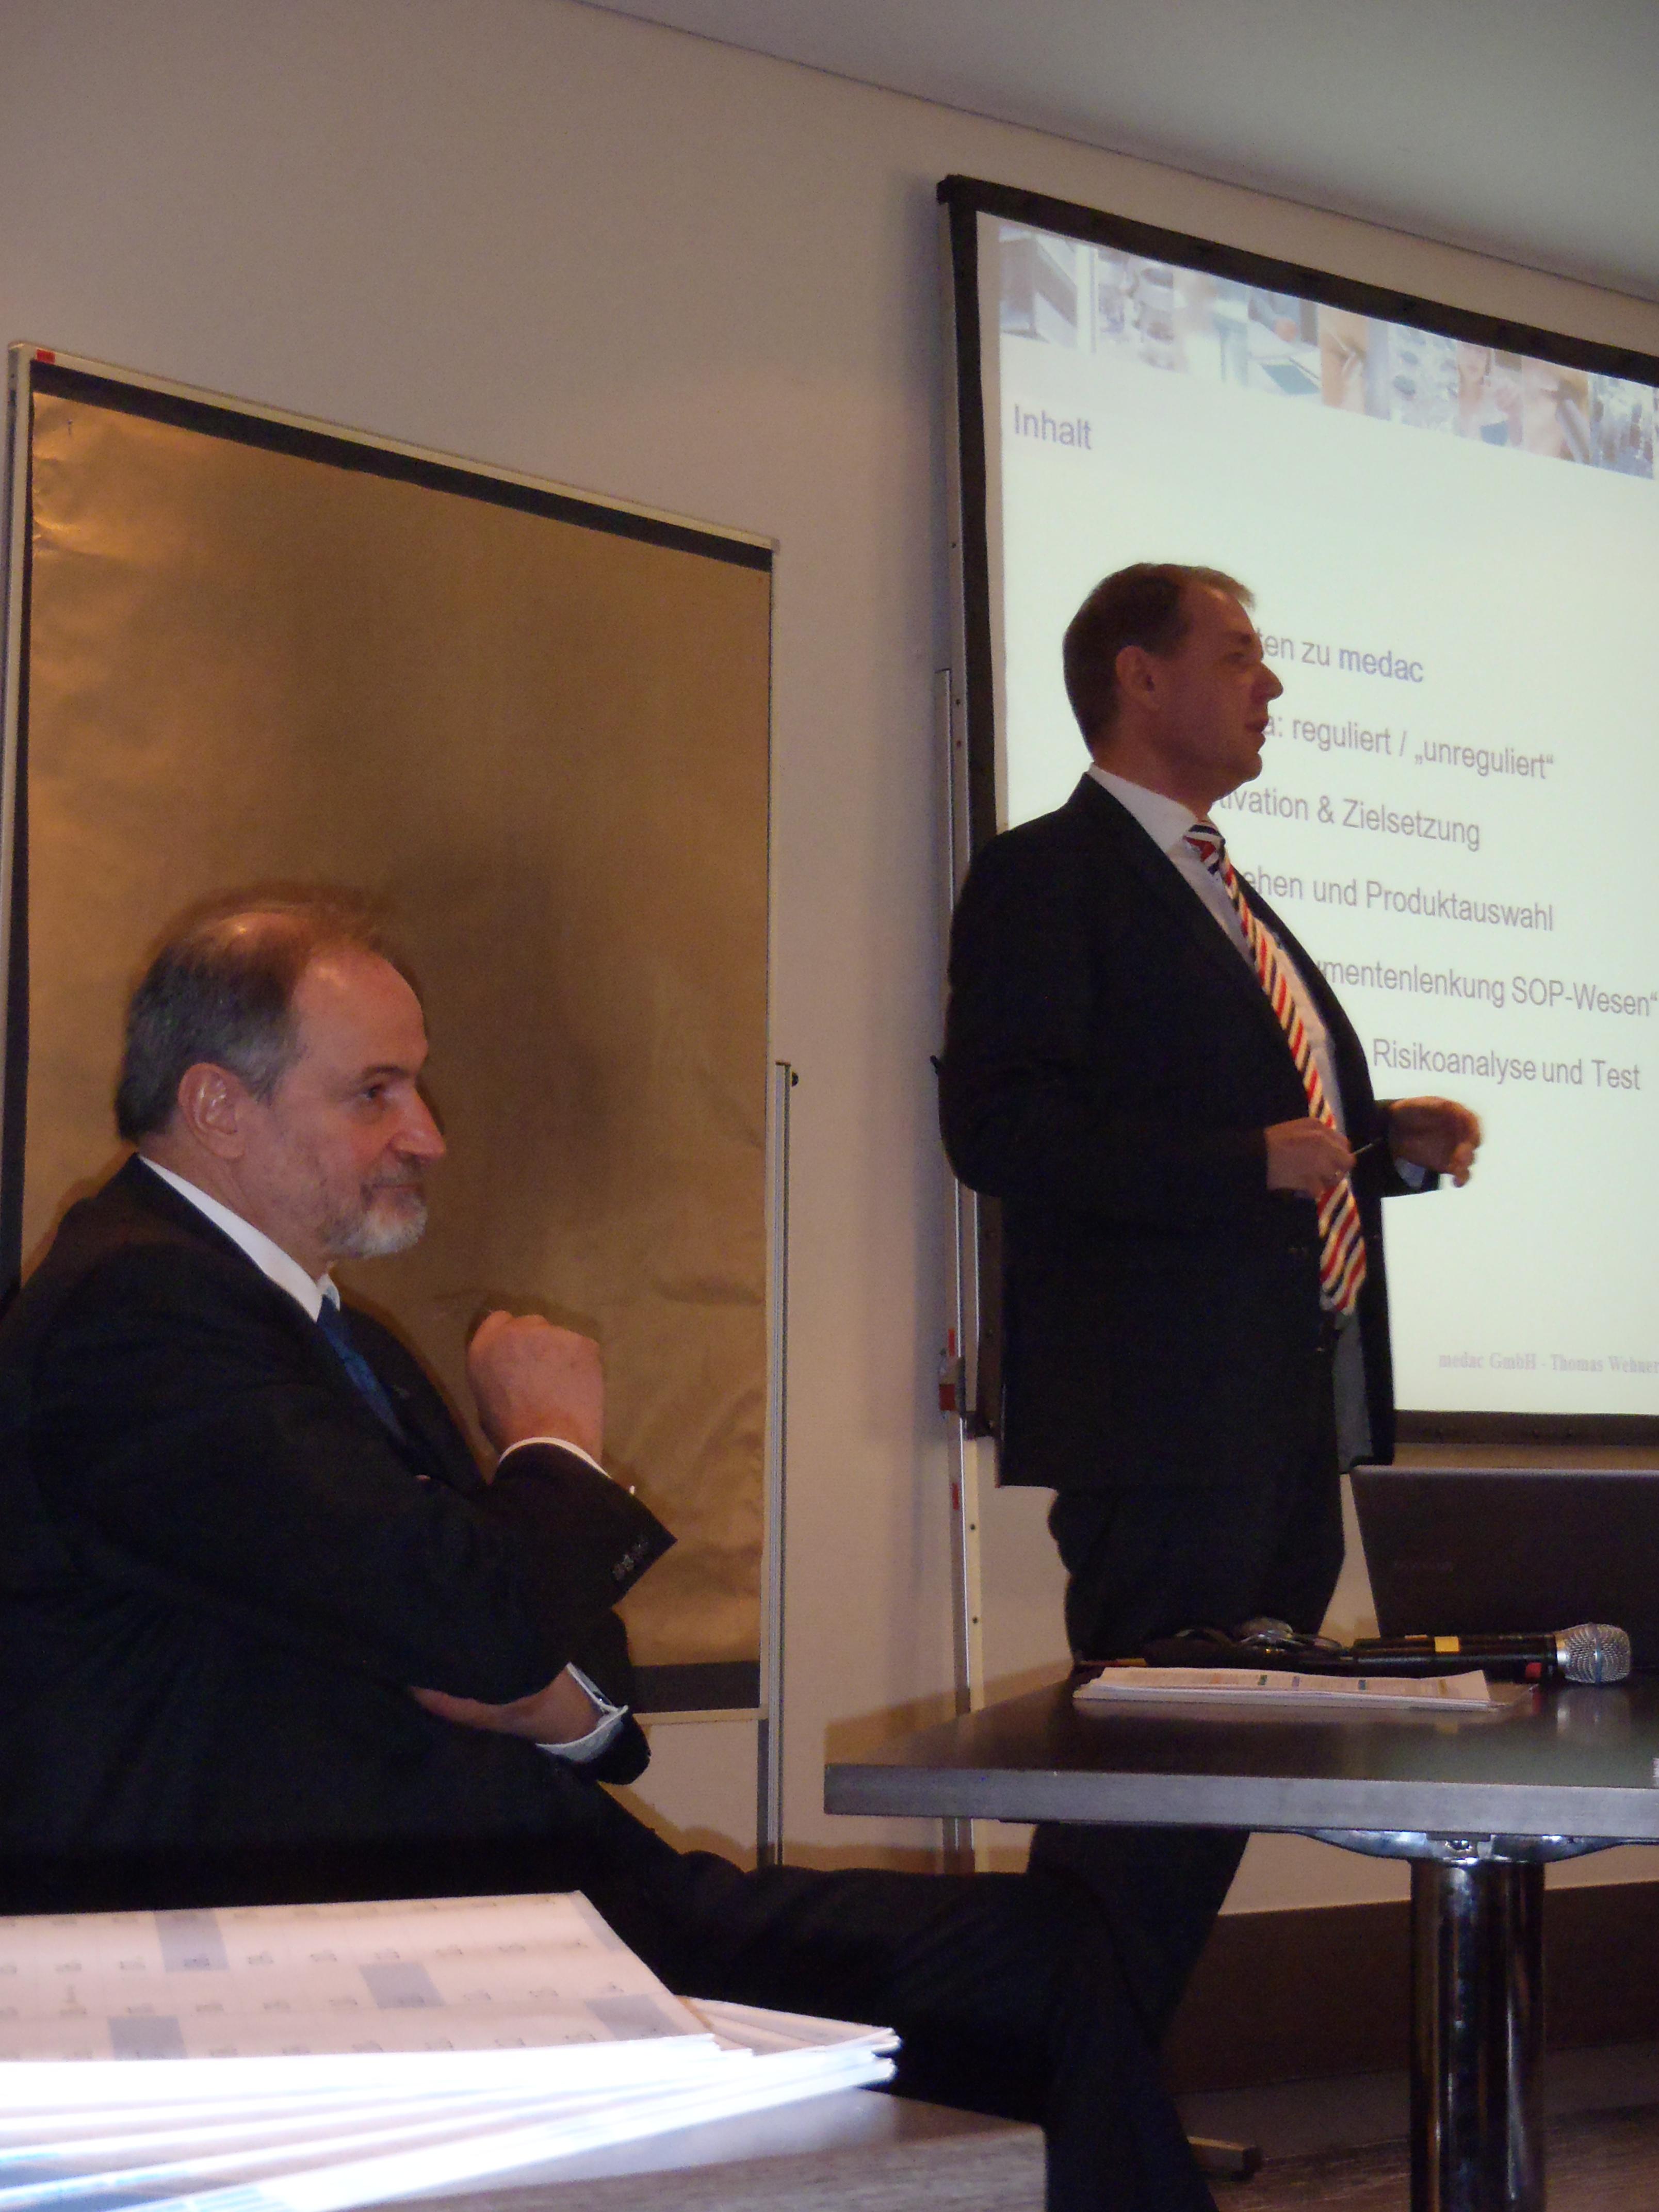 Vortrag Wehner medac RMK2014